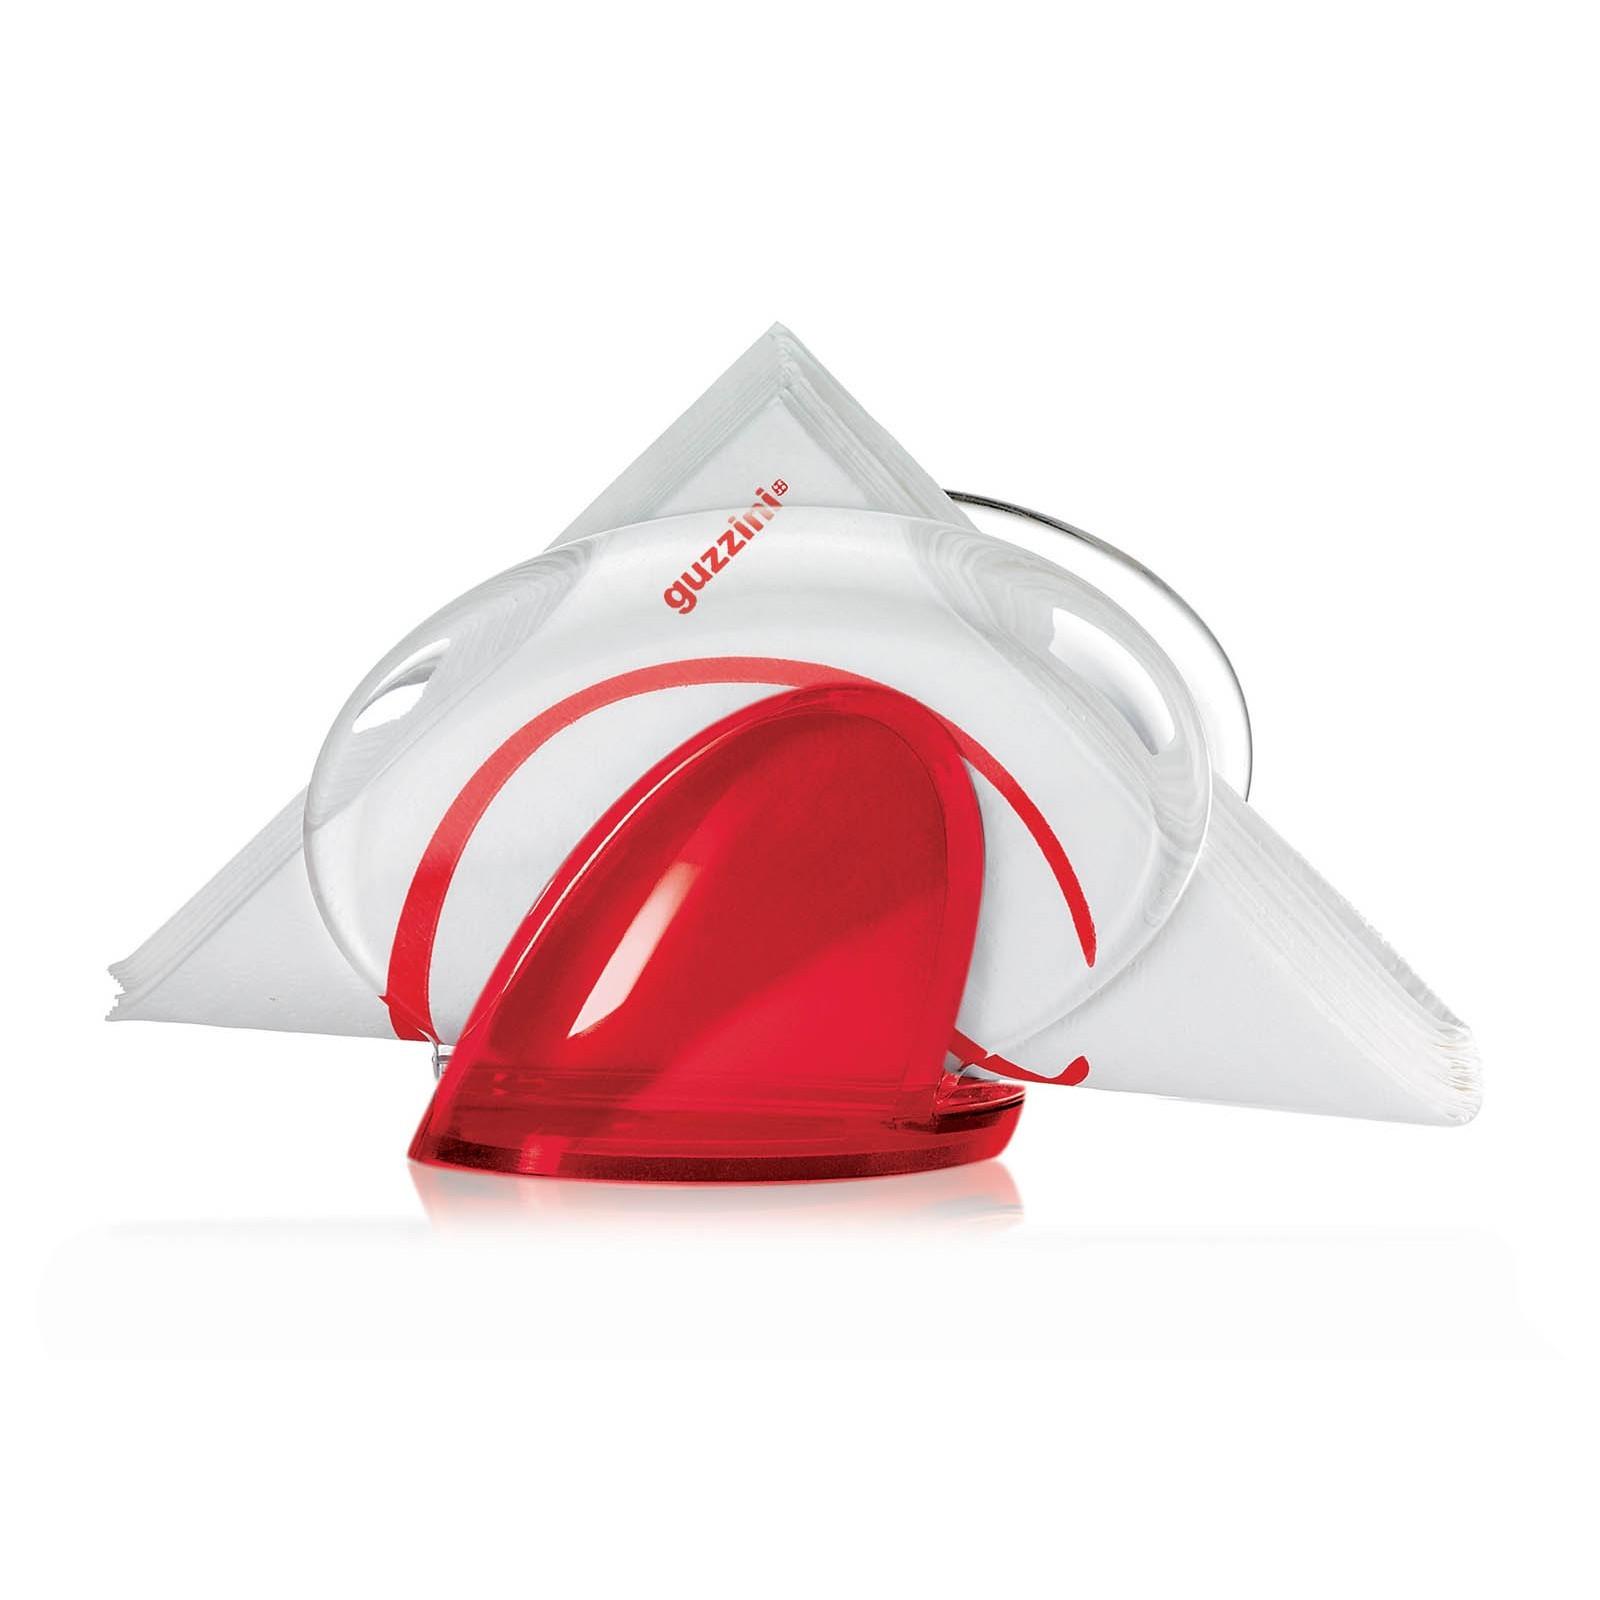 Χαρτοπετσετοθήκη Κόκκινη Feeling Guzzini home   αξεσουαρ κουζινας   χαρτοπετσετοθήκες